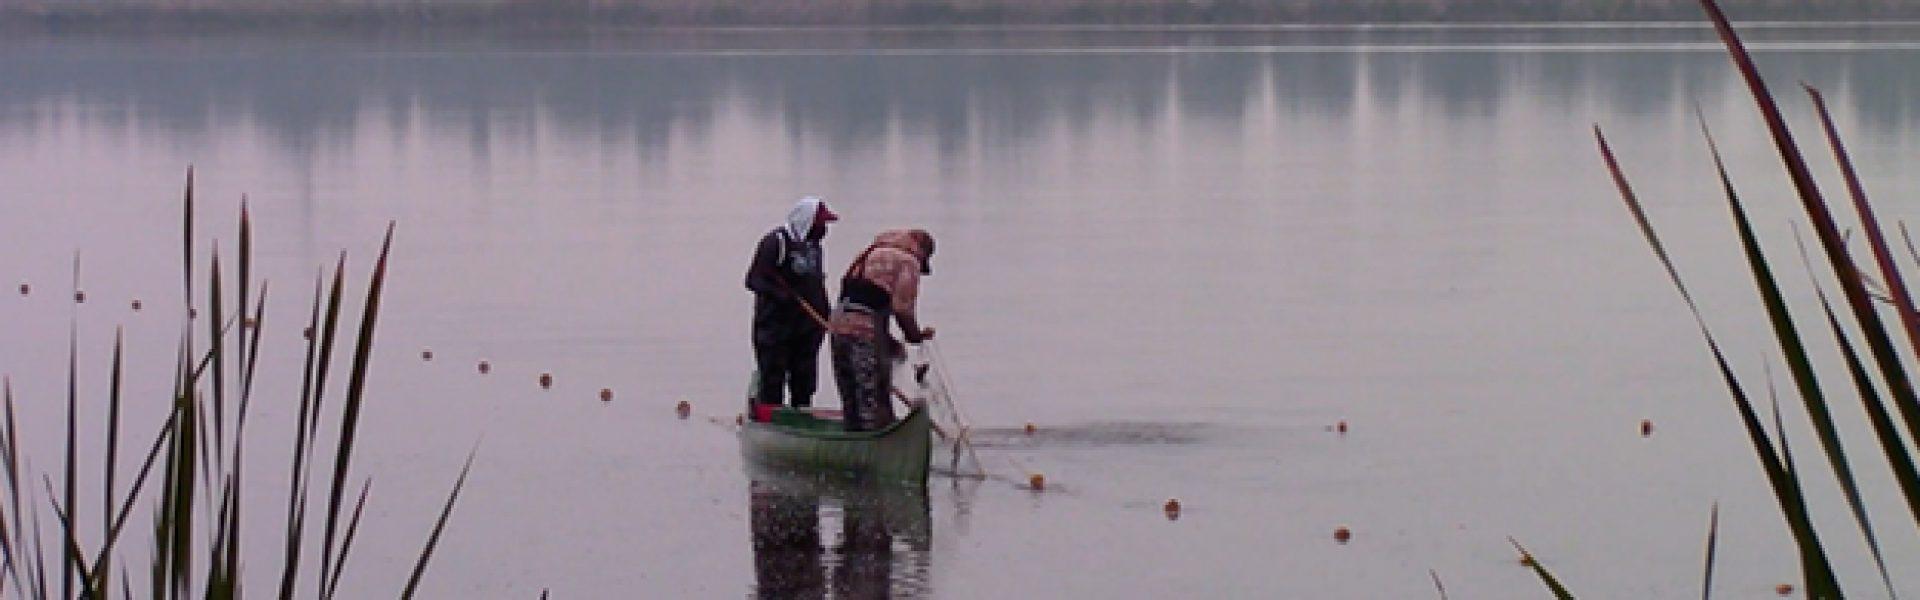 CAA Donde revolotea el agua San Gregorio Atlapulco y su memoria lacustre Still Catalogo